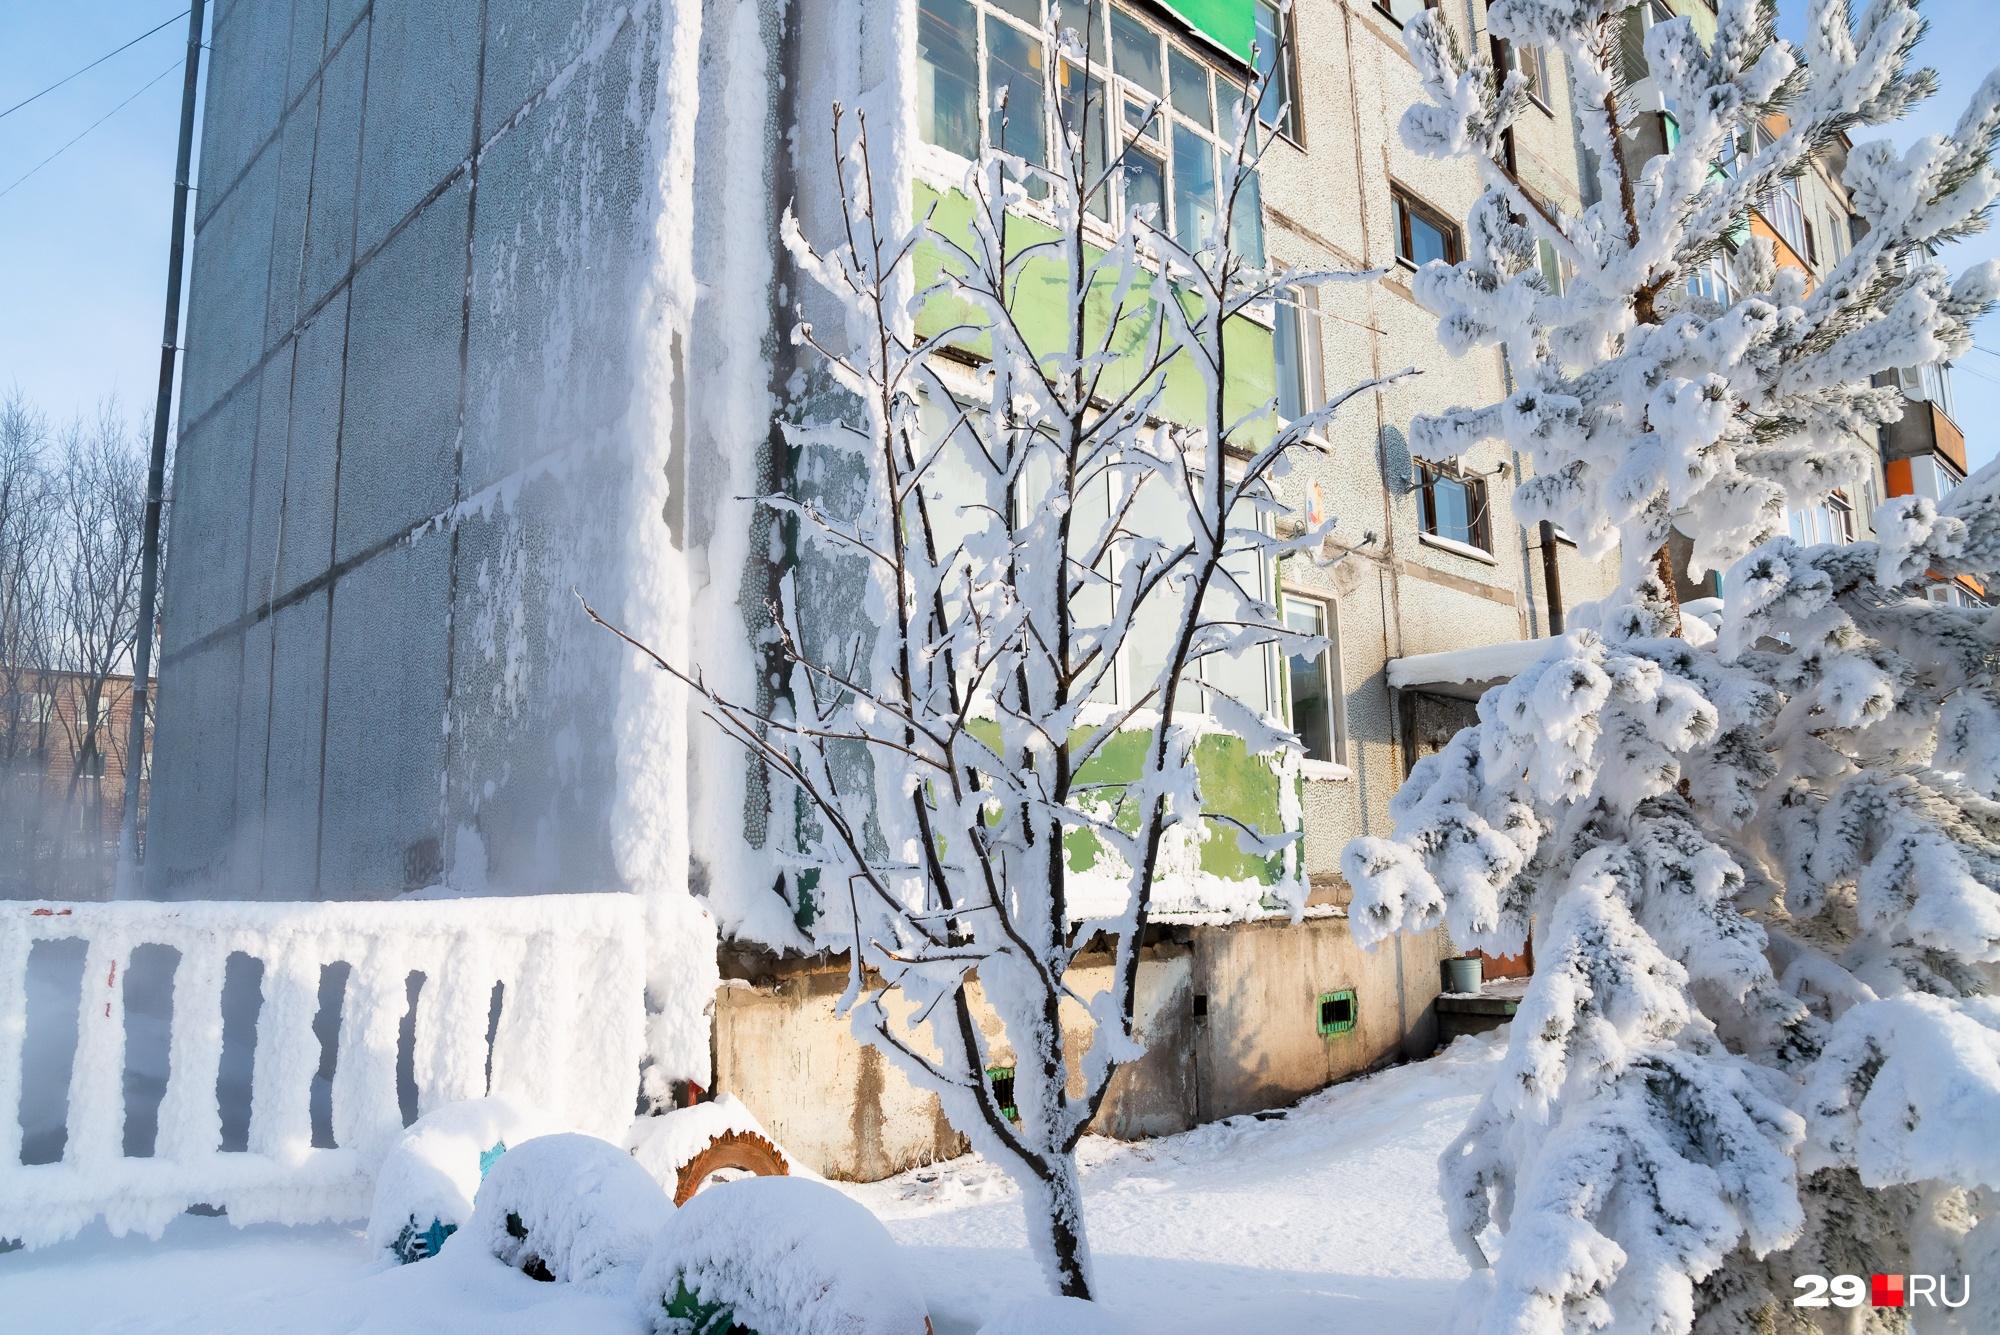 Угол дома покрылся льдом